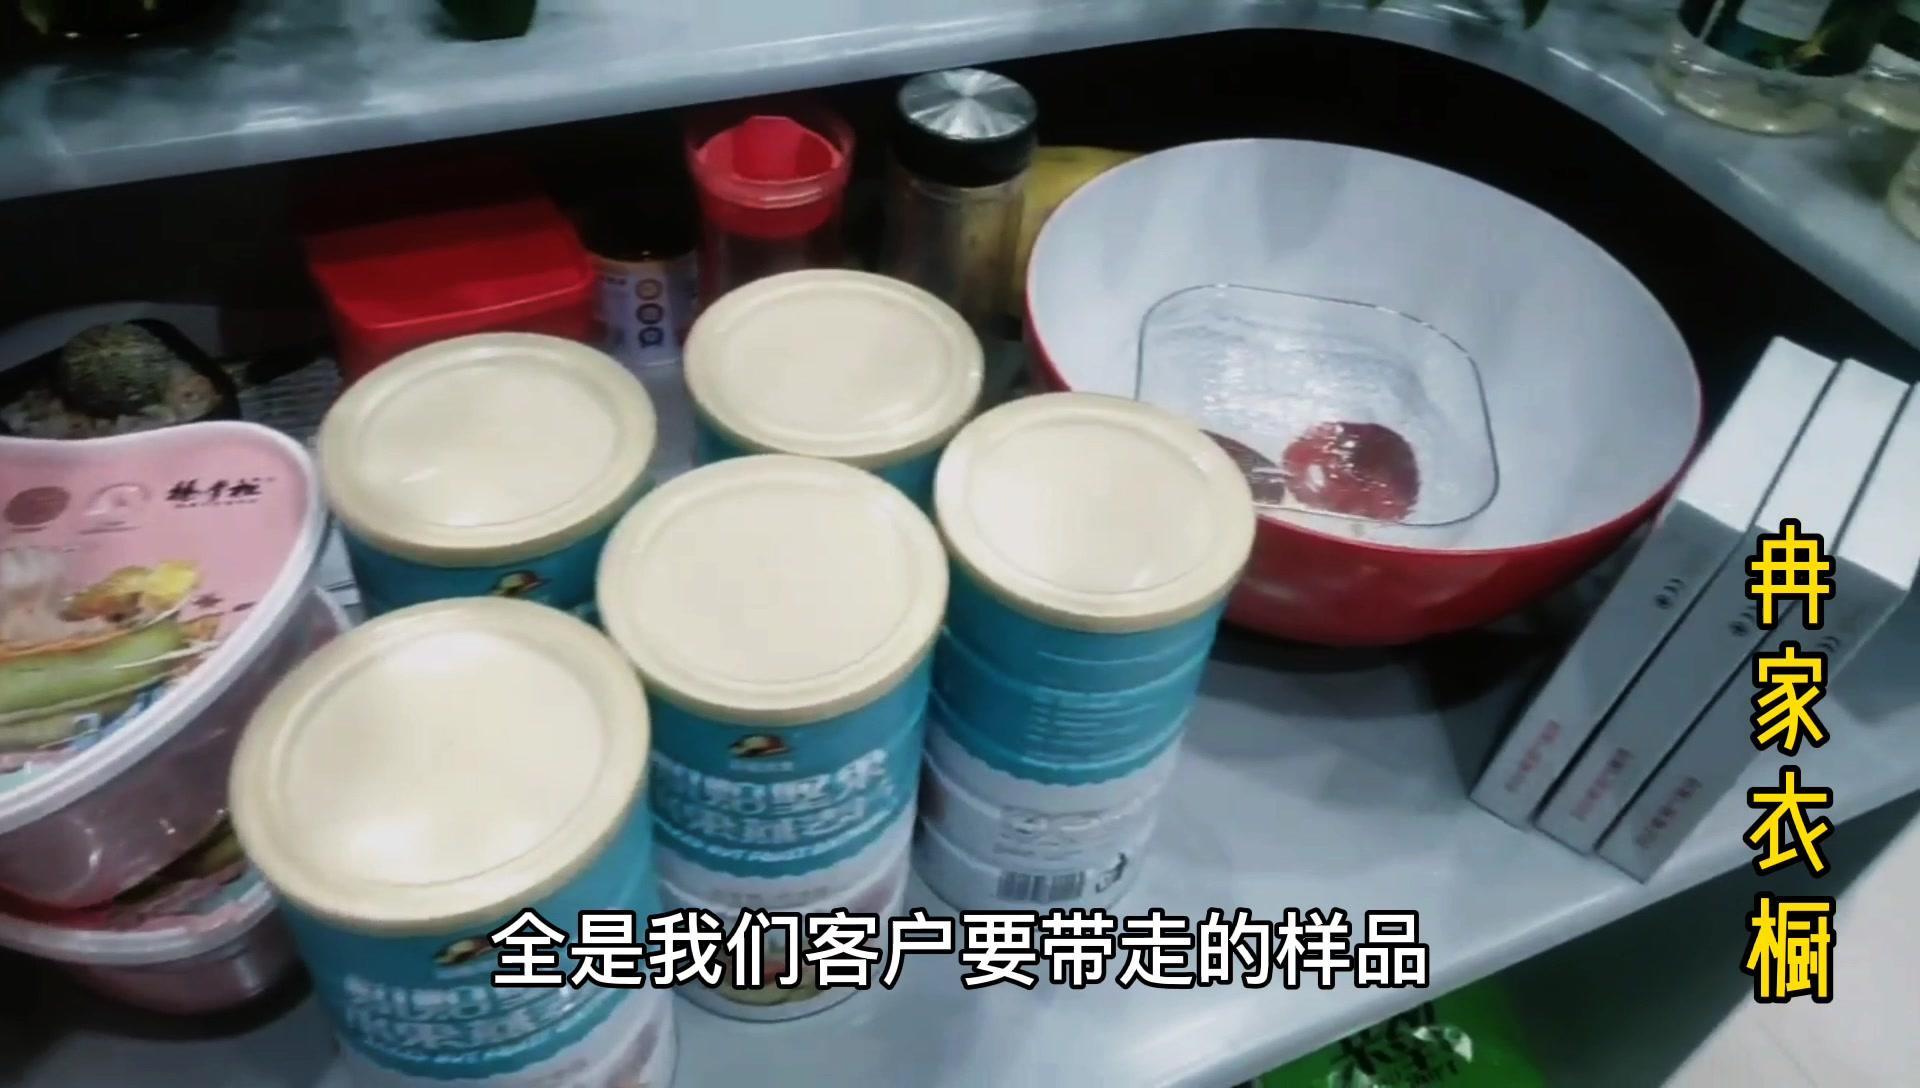 冉姐秒变吃货,去拿奶茶样品,看看东瓜视频工厂的供货链多牛掰!